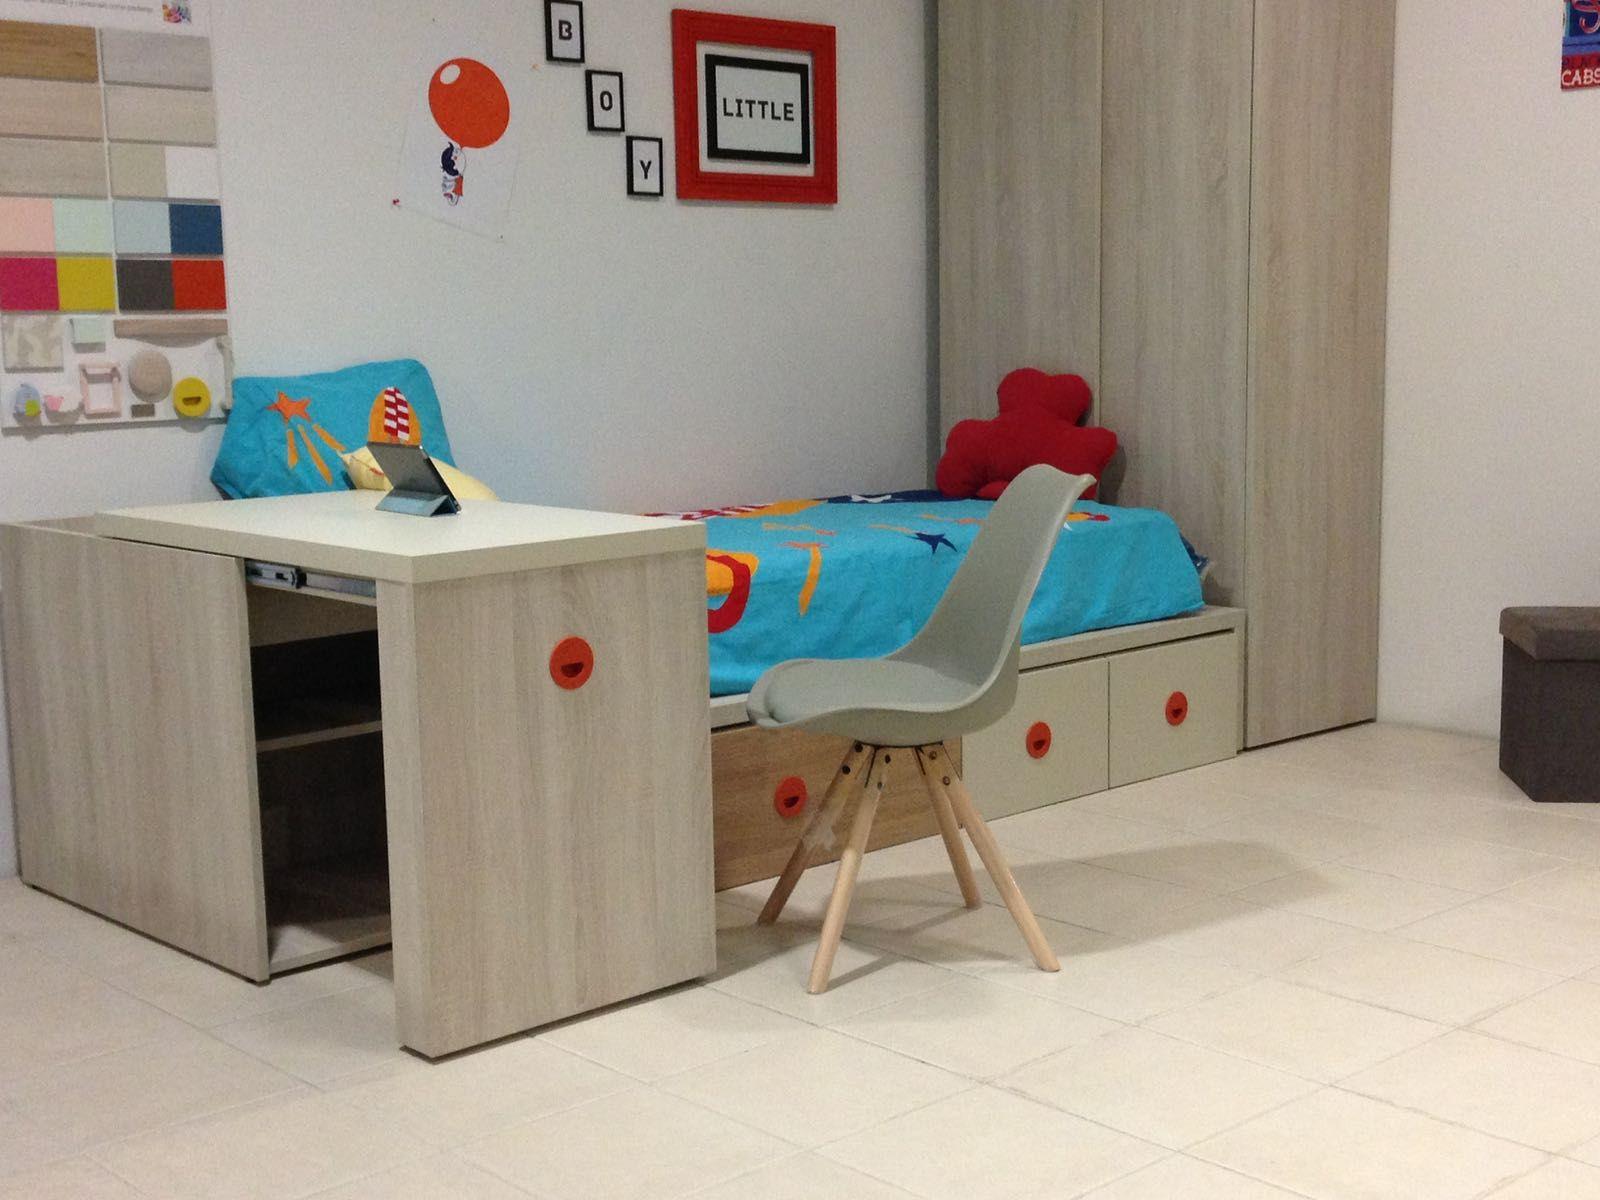 Una Mesa Escritorio Un Arc N Para Almacenar Un Elemento  # Muebles Todo En Uno